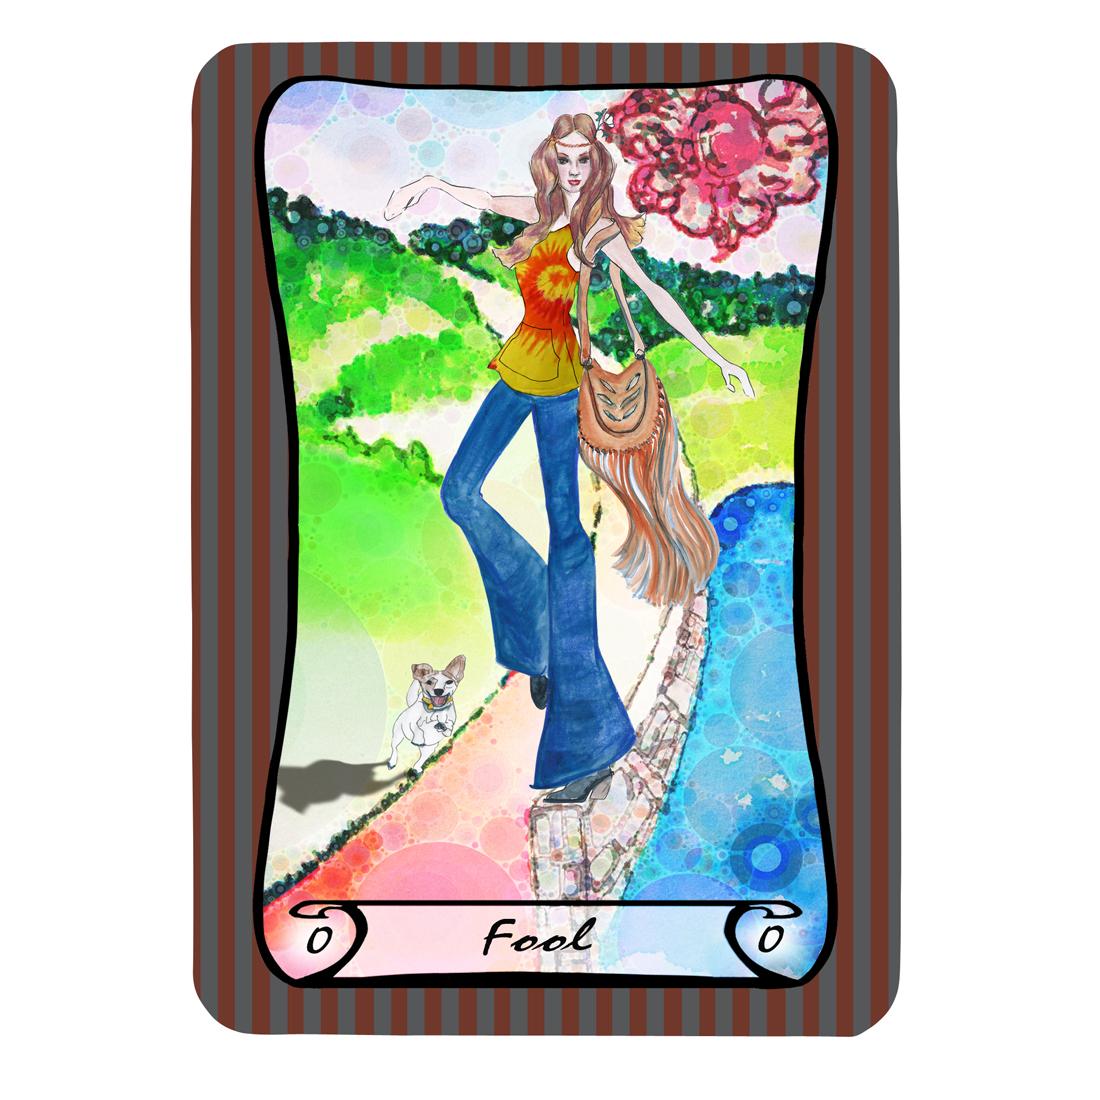 WS_Fool SM card1_2.jpg